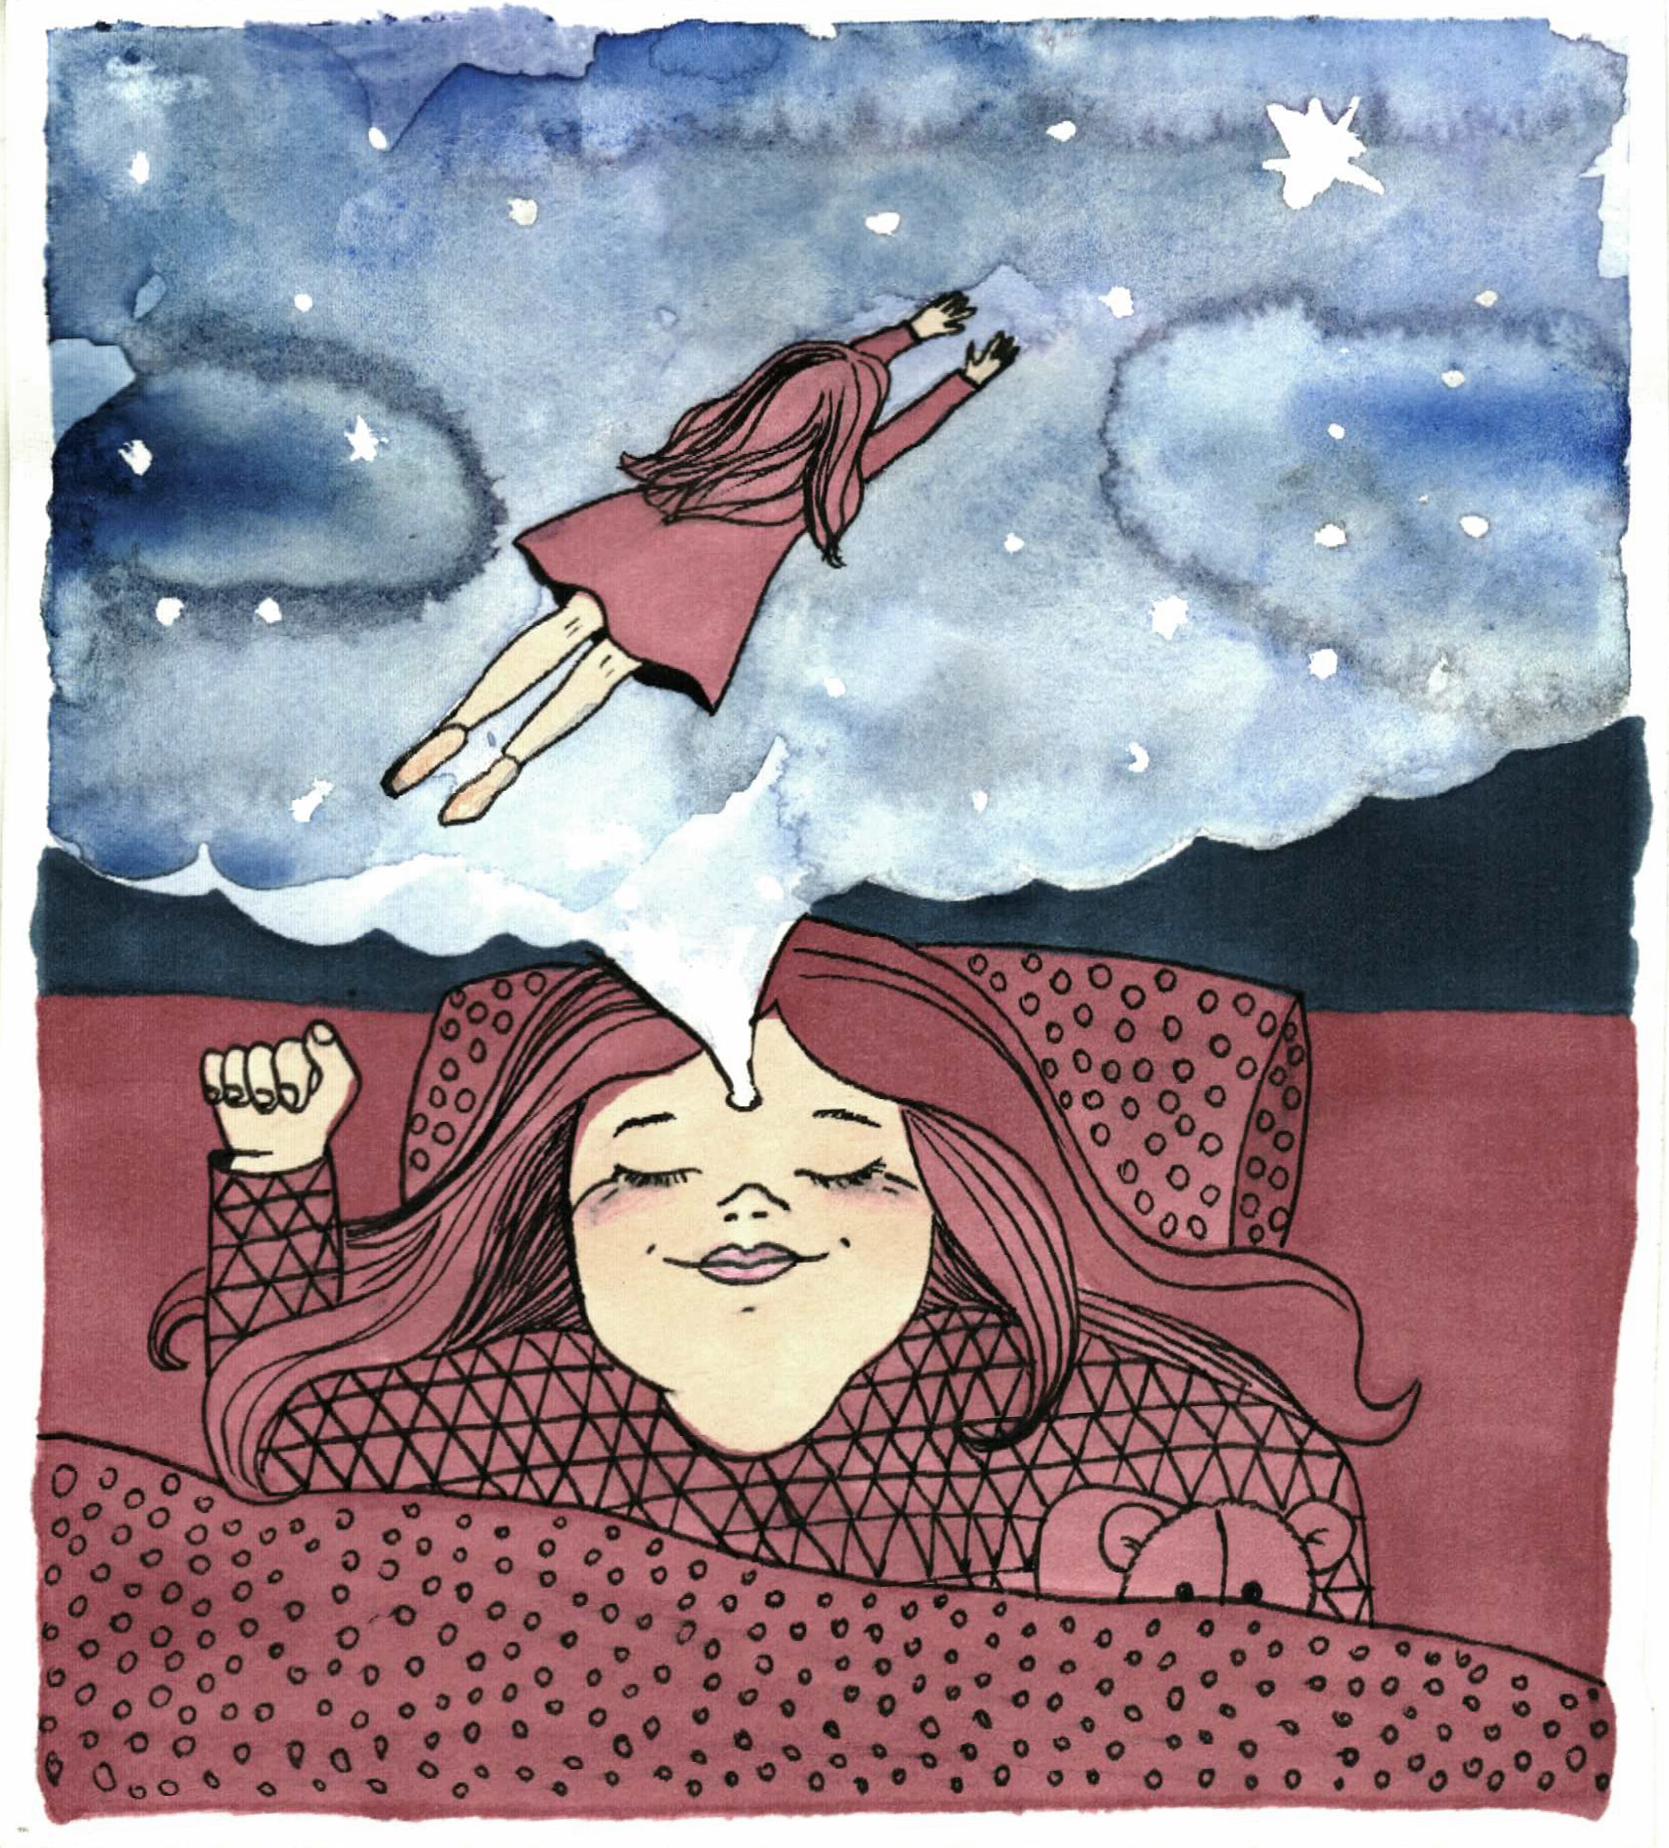 sen o lataniu ilustacja maria inspires